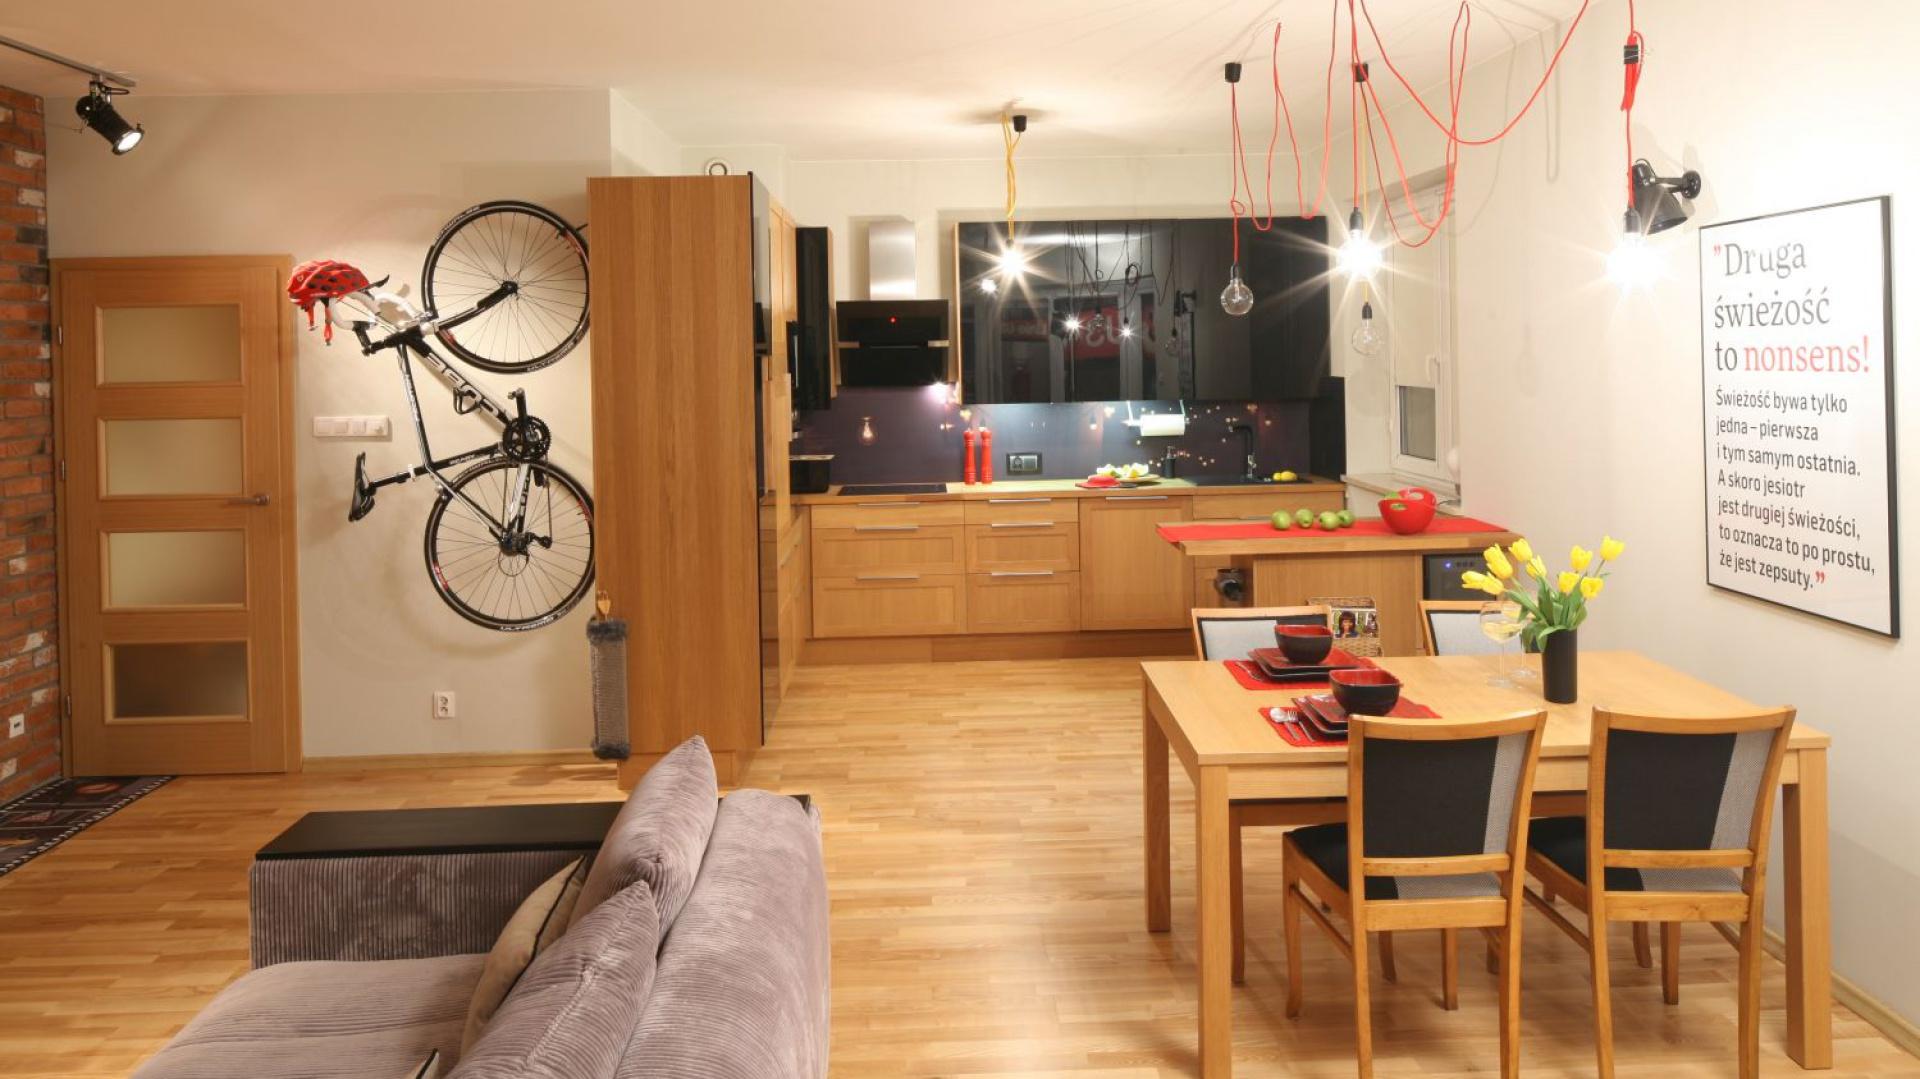 Kuchnię otwartą na salon możemy połączyć z nim wizualnie za pomocą jednolitej podłogi. Projekt: Izabela Szewc. Fot. Bartosz Jarosz